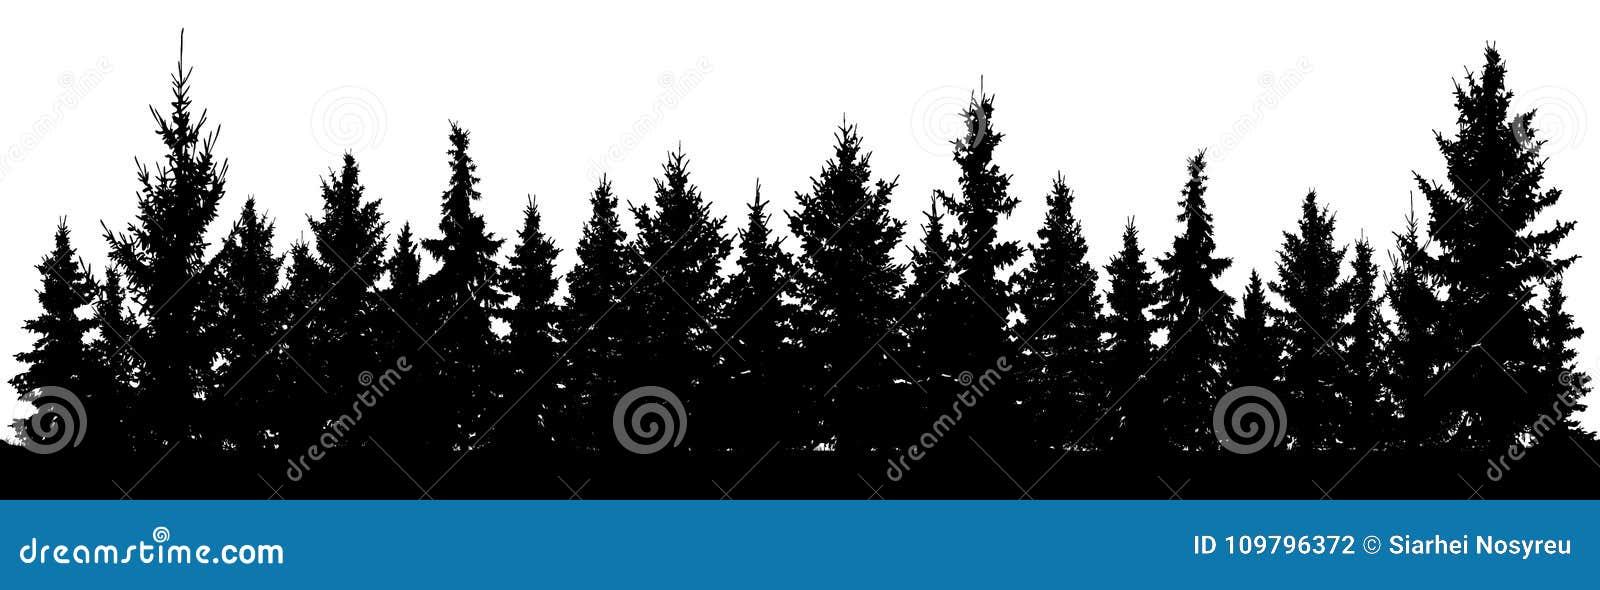 Foresta della siluetta degli abeti di Natale Abete rosso conifero Parco di legno sempreverde Vettore su fondo bianco